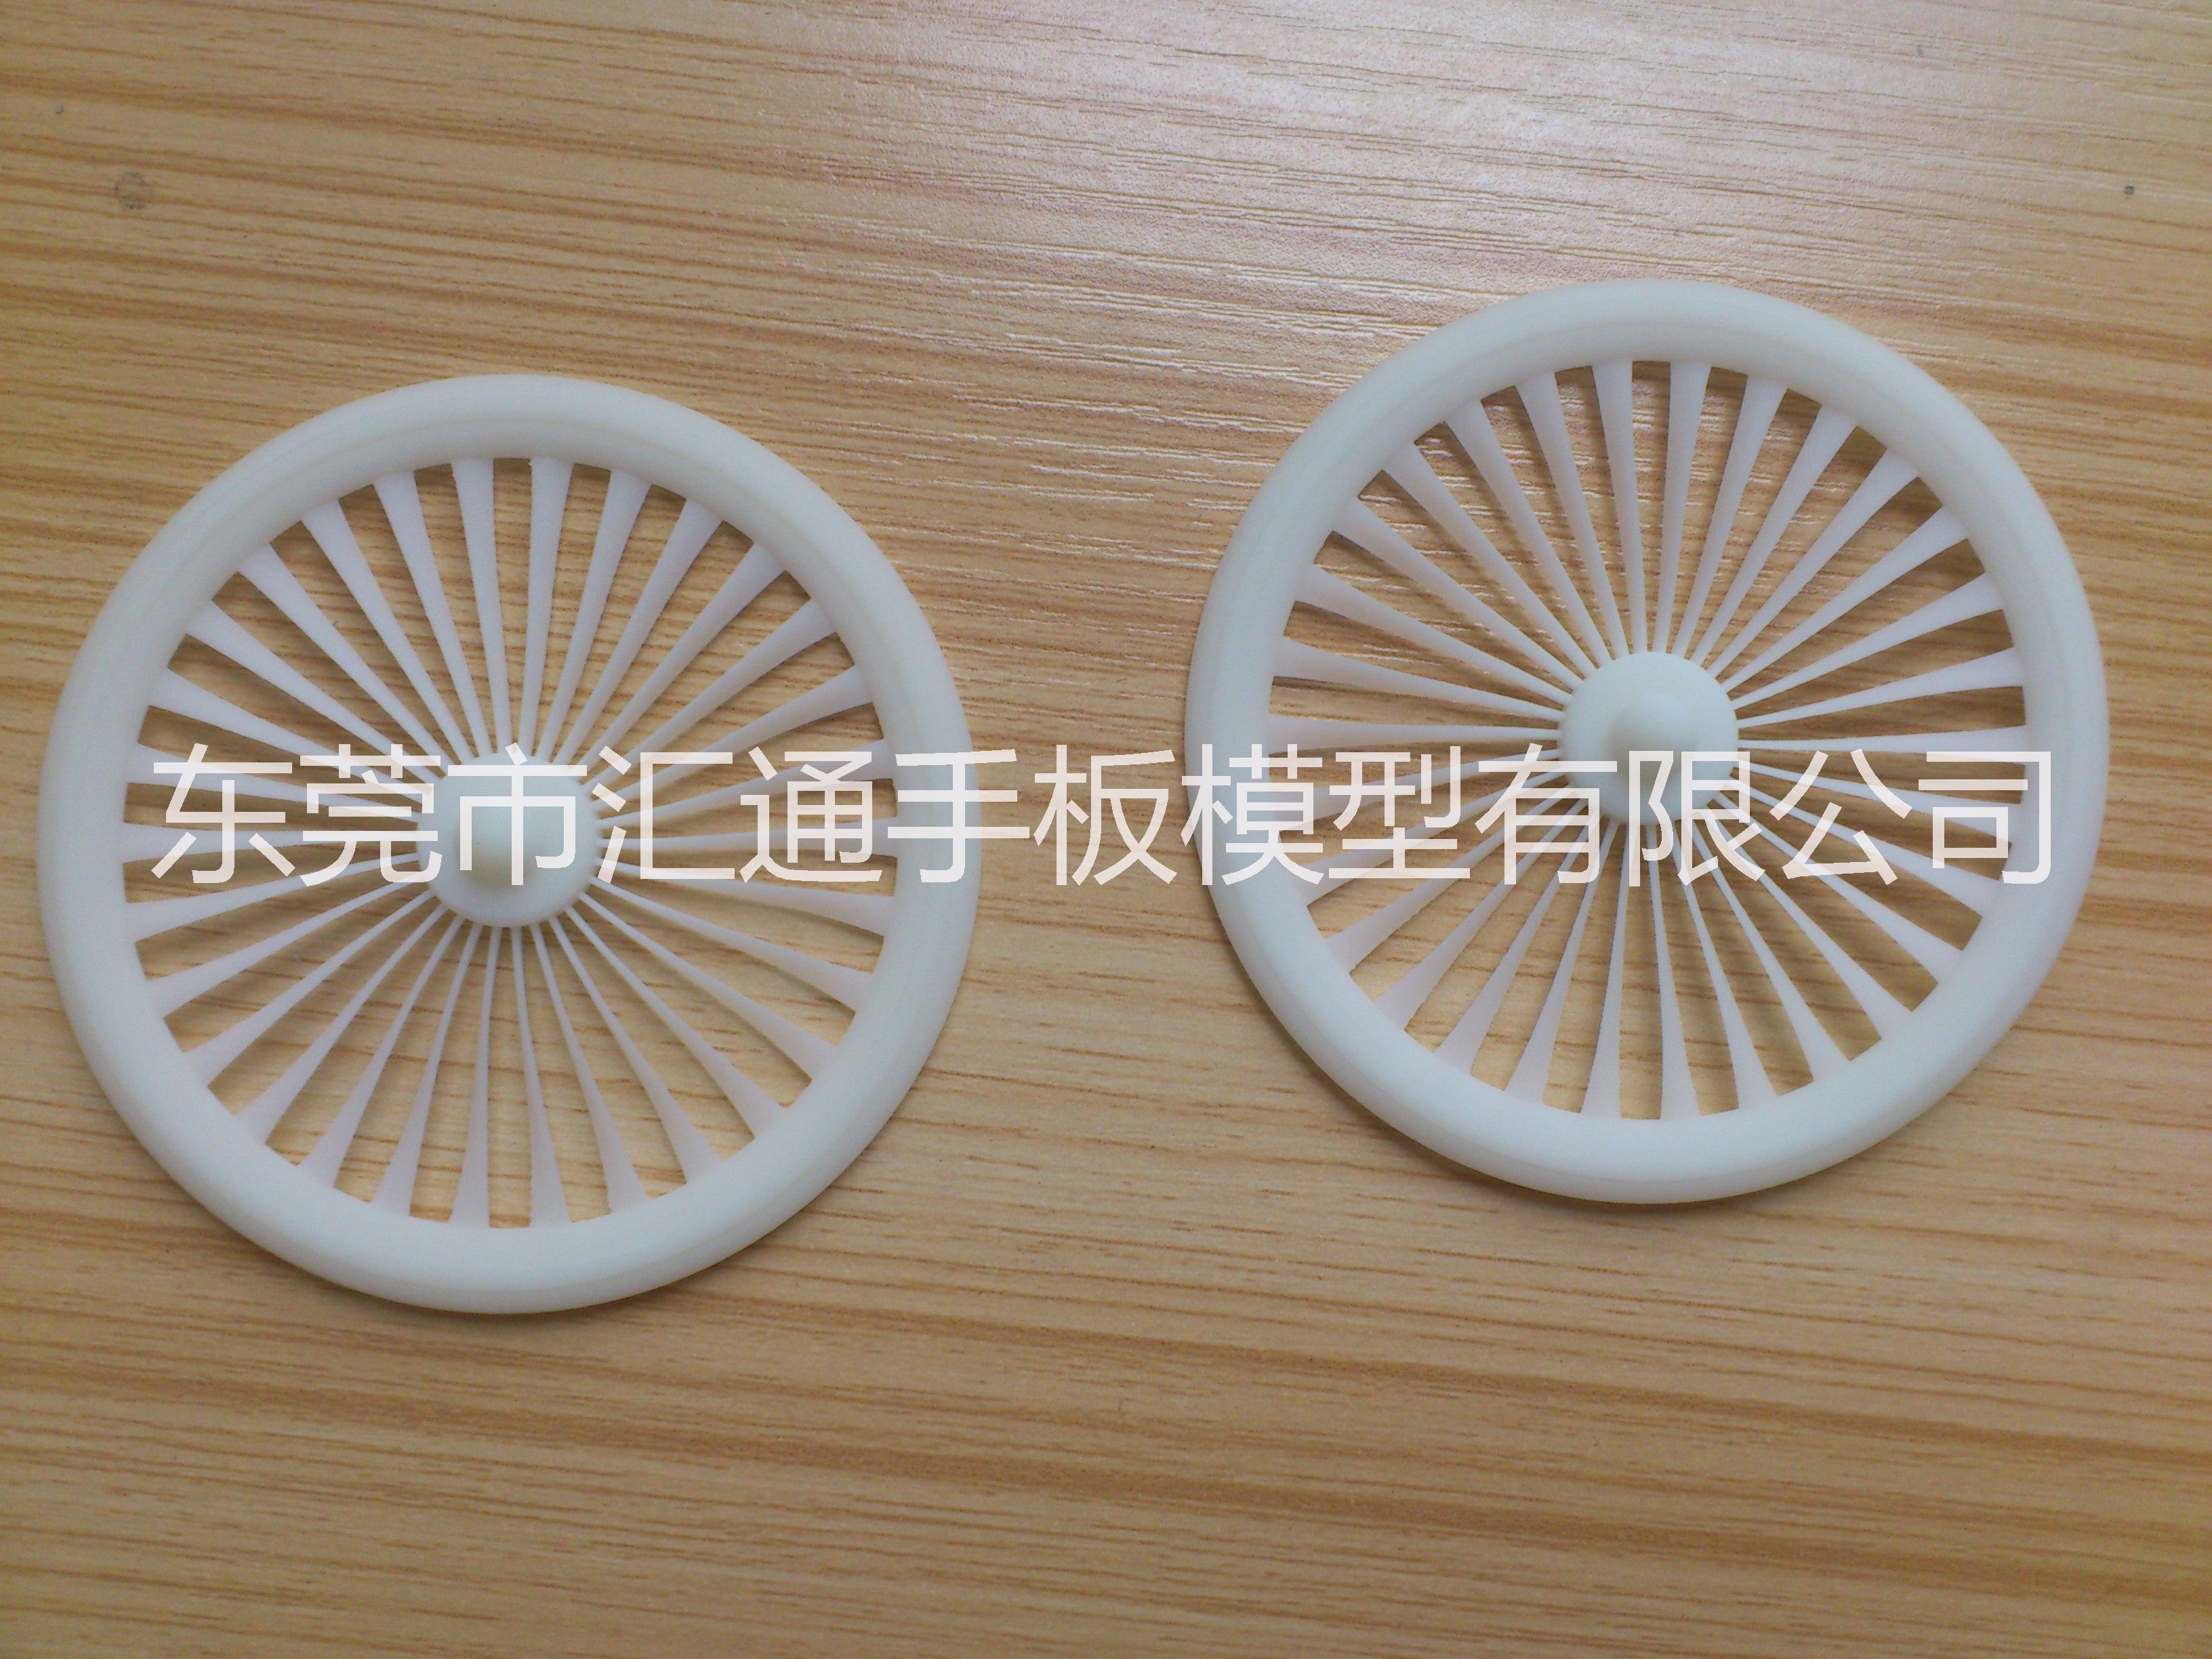 铝合金手板模型 沙盘模型制作 3d打印手板模型制作 汇通三维打印